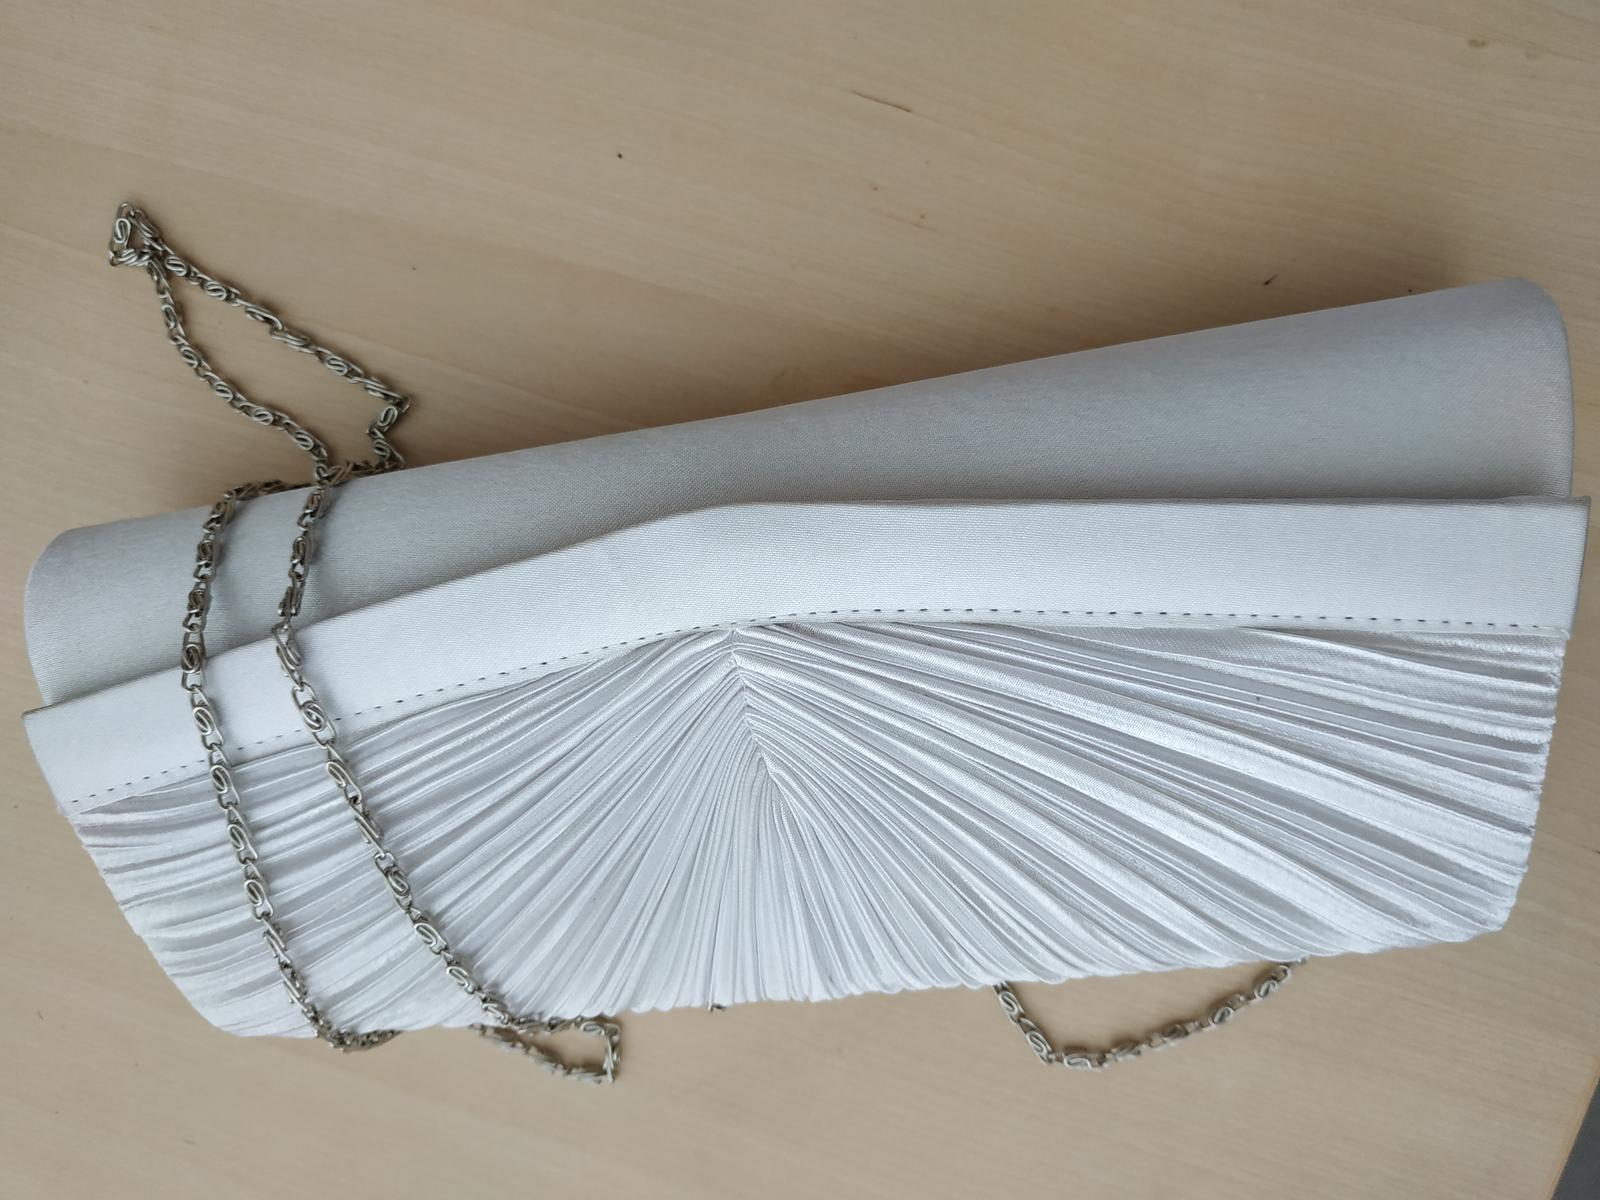 Saténová kabelka bílo/stříbrná - Obrázek č. 4